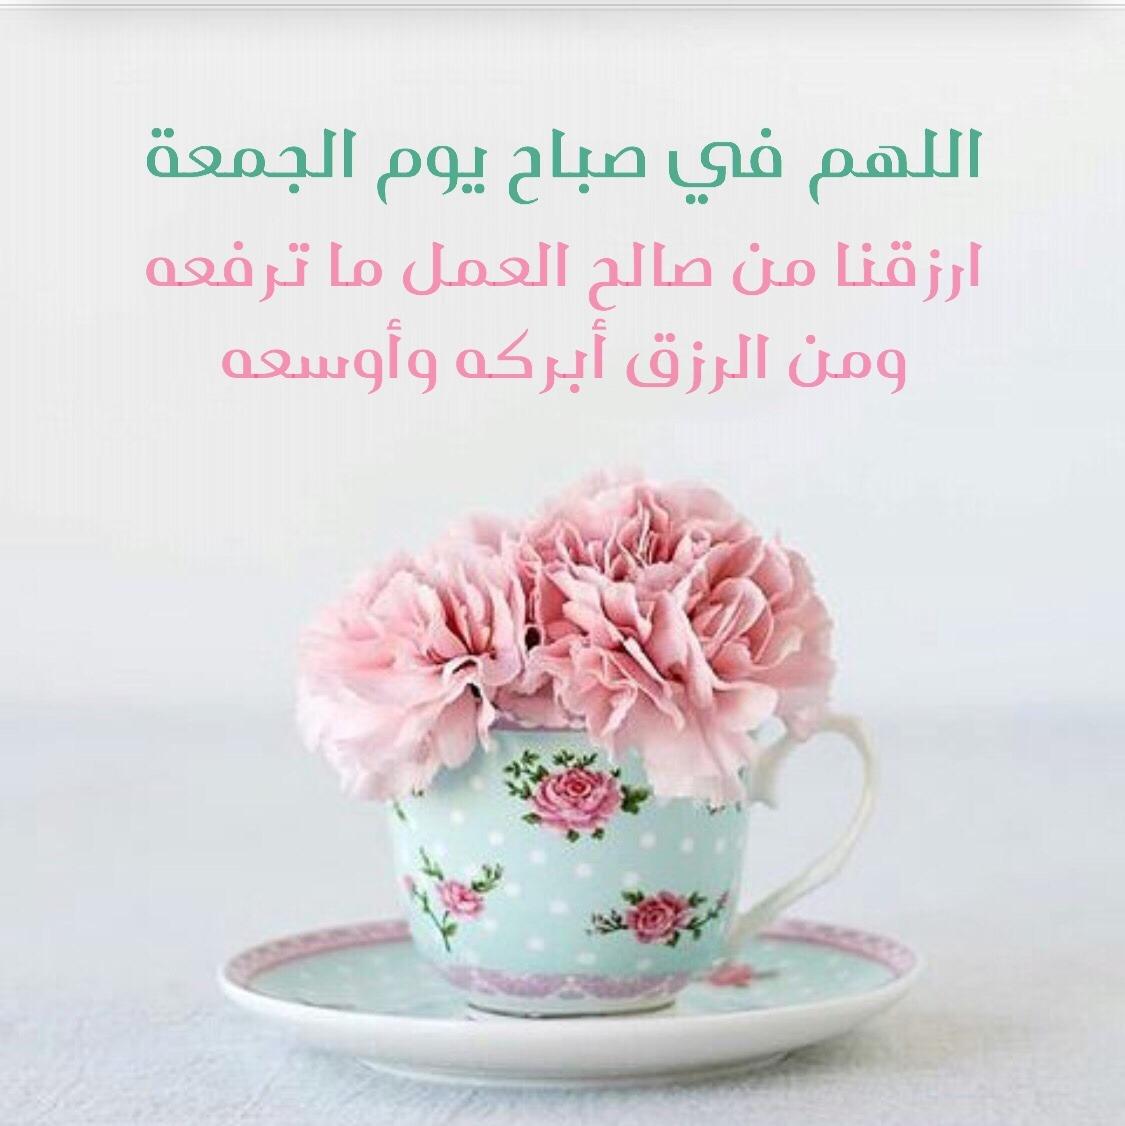 بالصور صباح الجمعه , اجمل رسائل ليوم الجمعة 3405 2